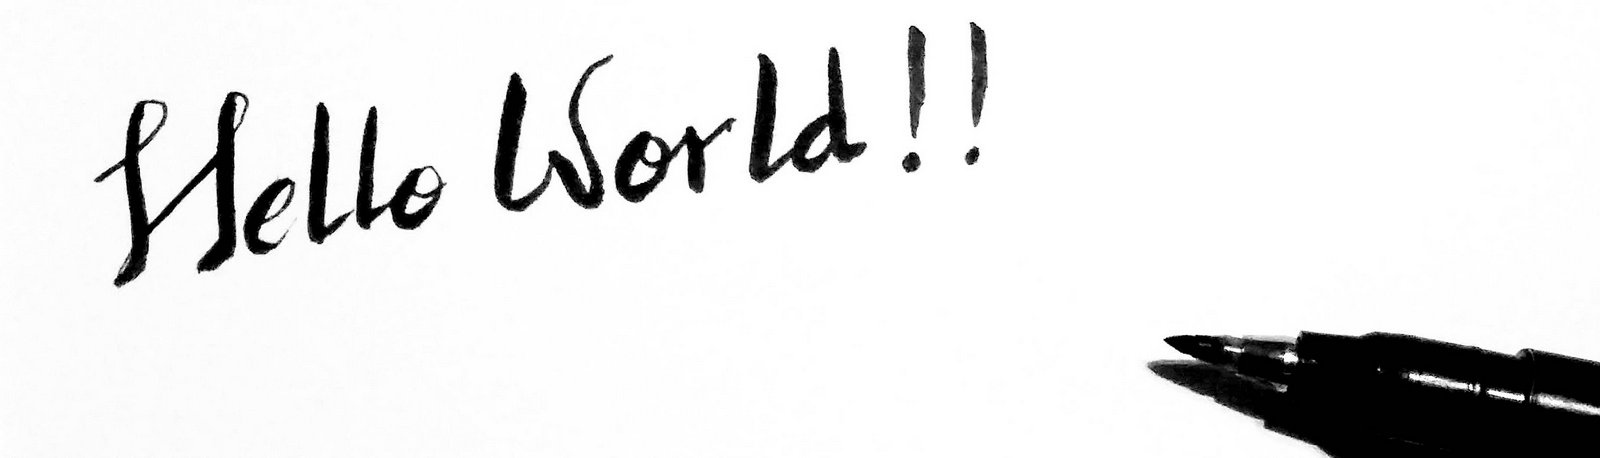 Hello World!!!